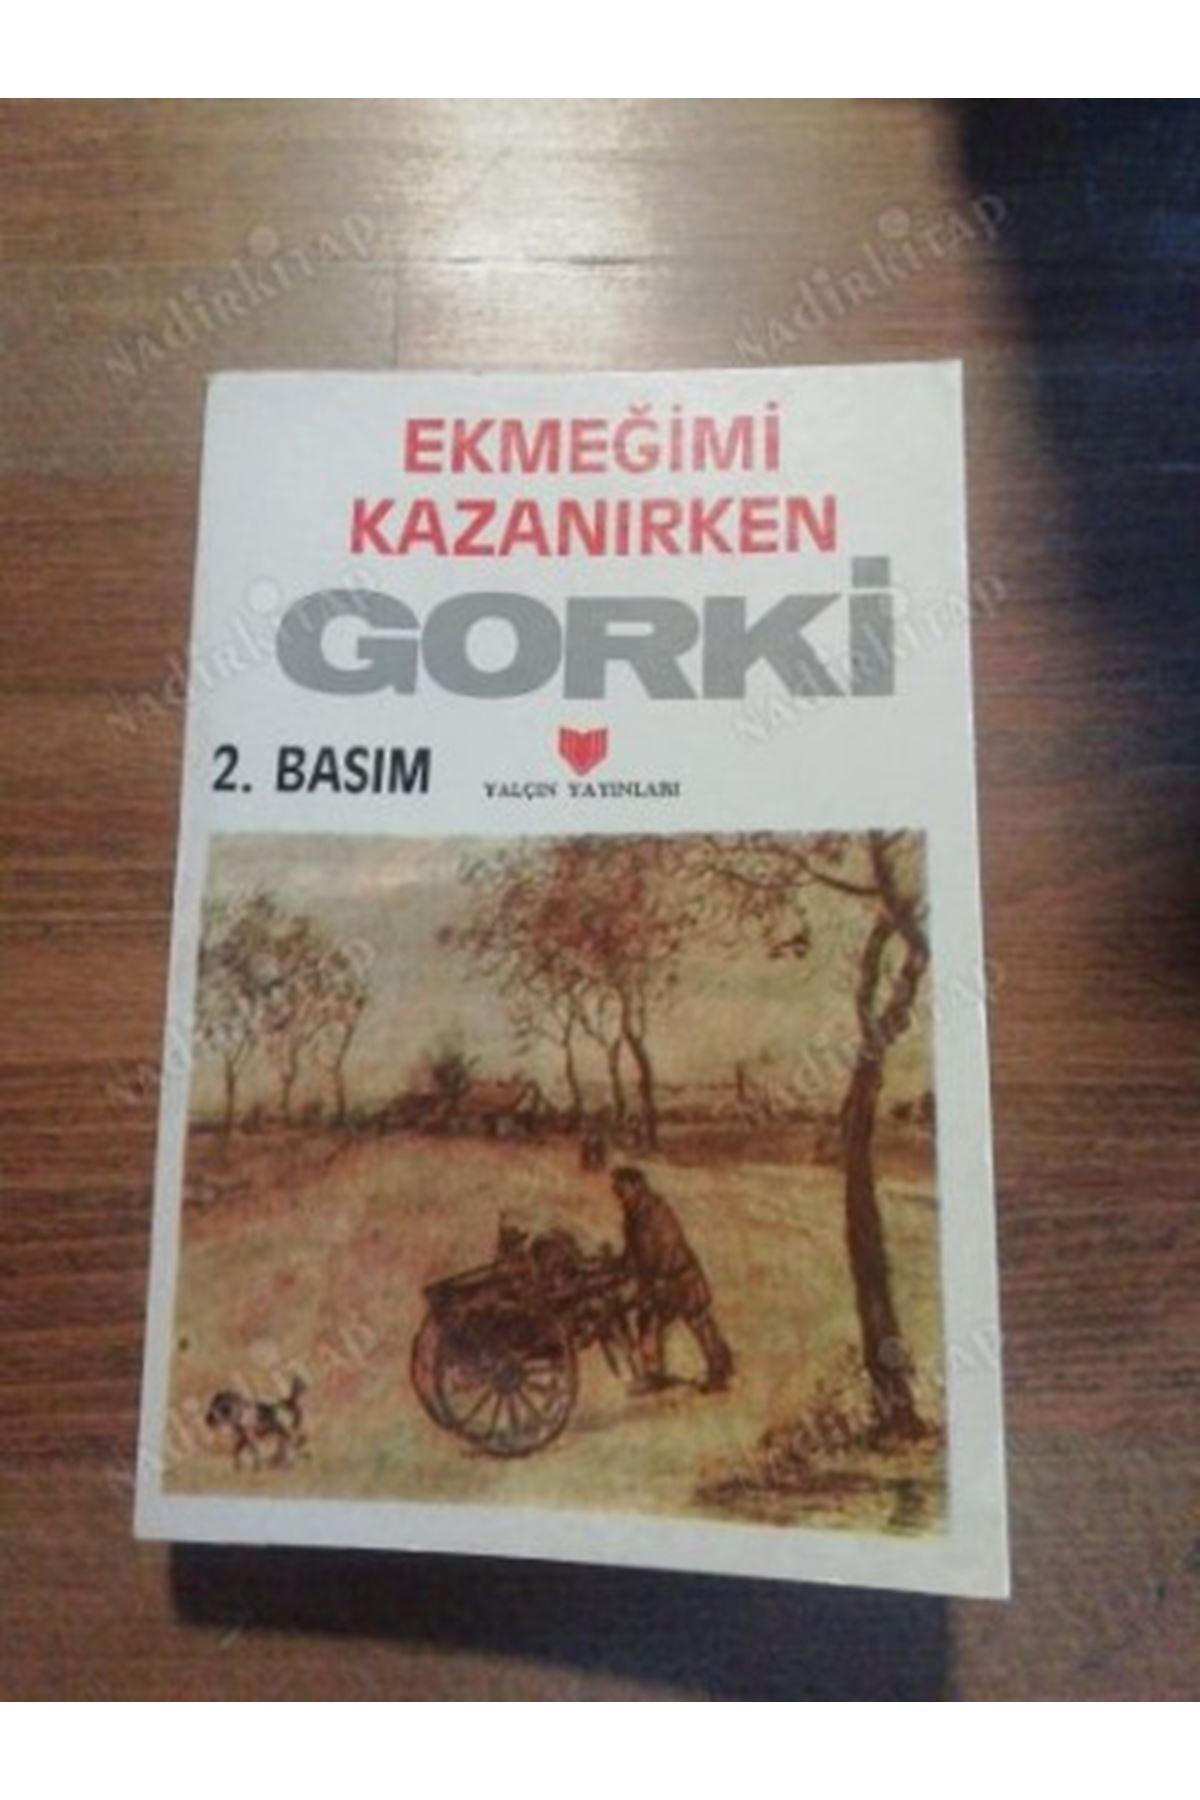 GORKİ - EKMEĞİMİ KAZANIRKEN